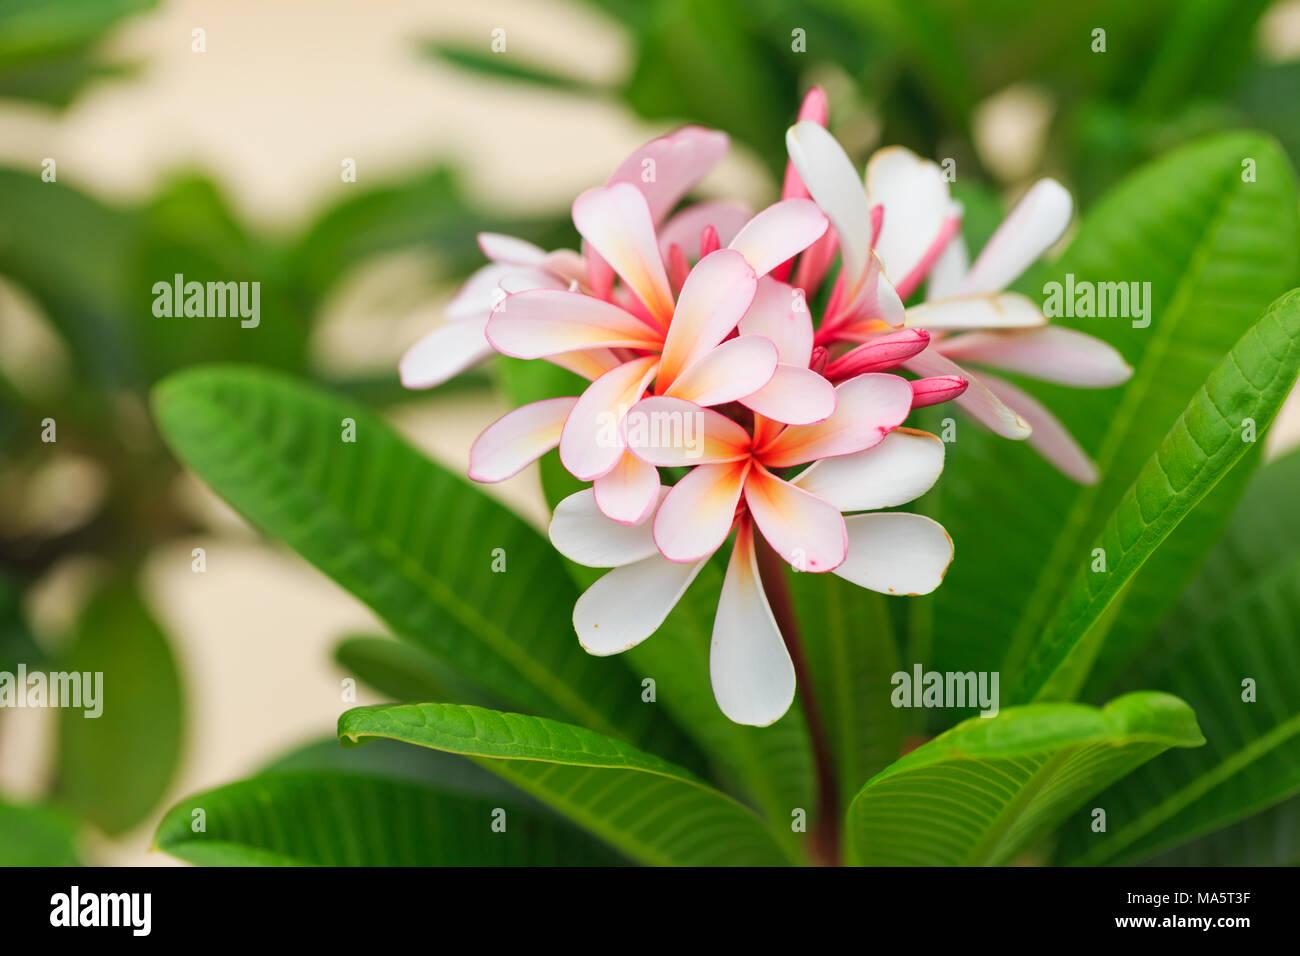 Pink plumeria flowers in garden thailand stock photo 178378915 alamy pink plumeria flowers in garden thailand mightylinksfo